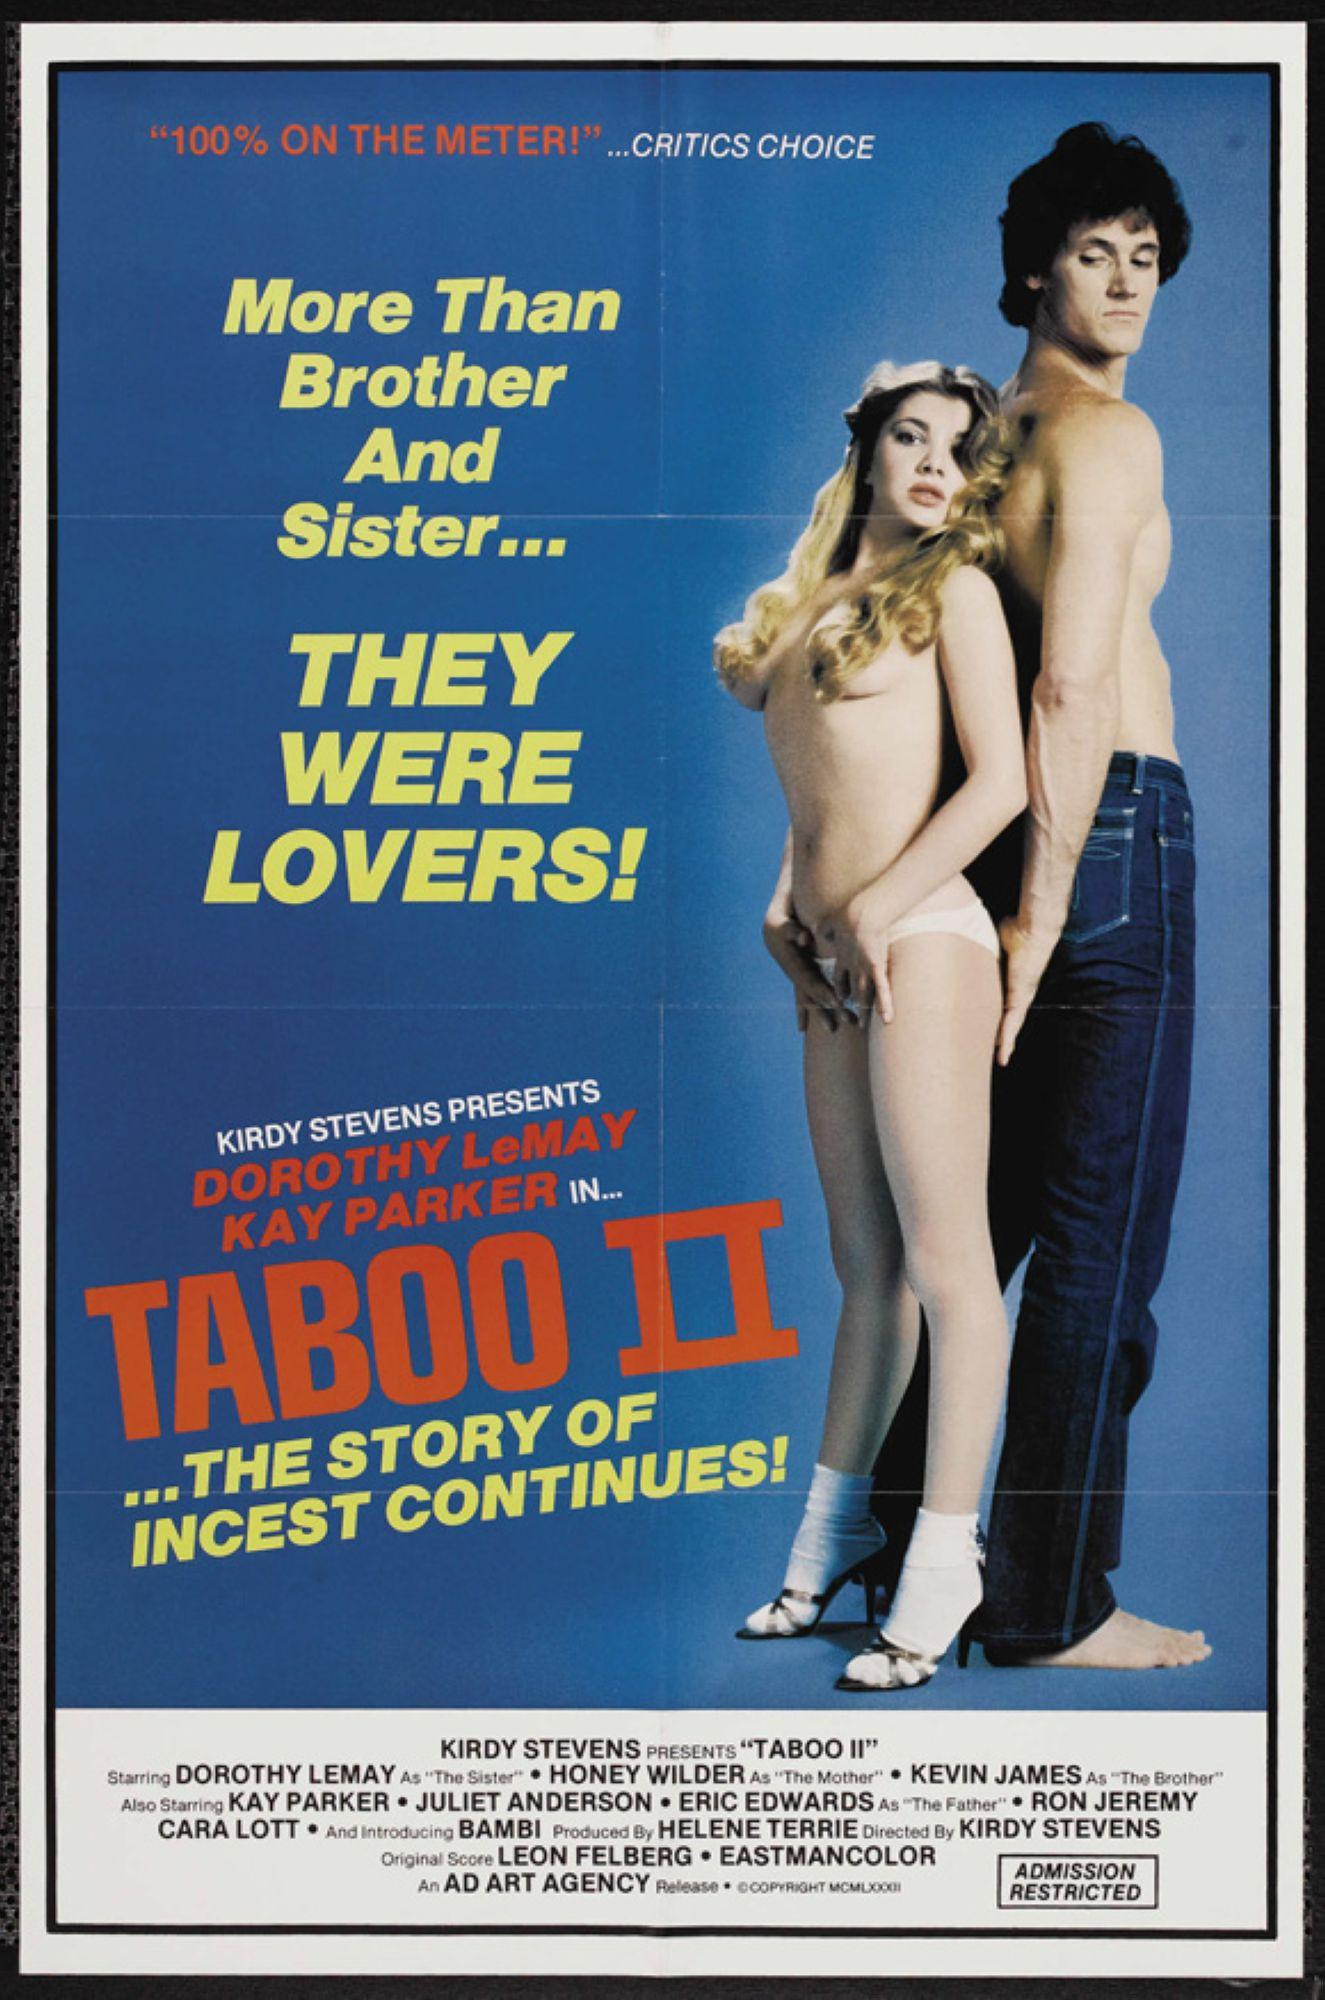 01-taboo-II-movie-poster-1982_1.jpg